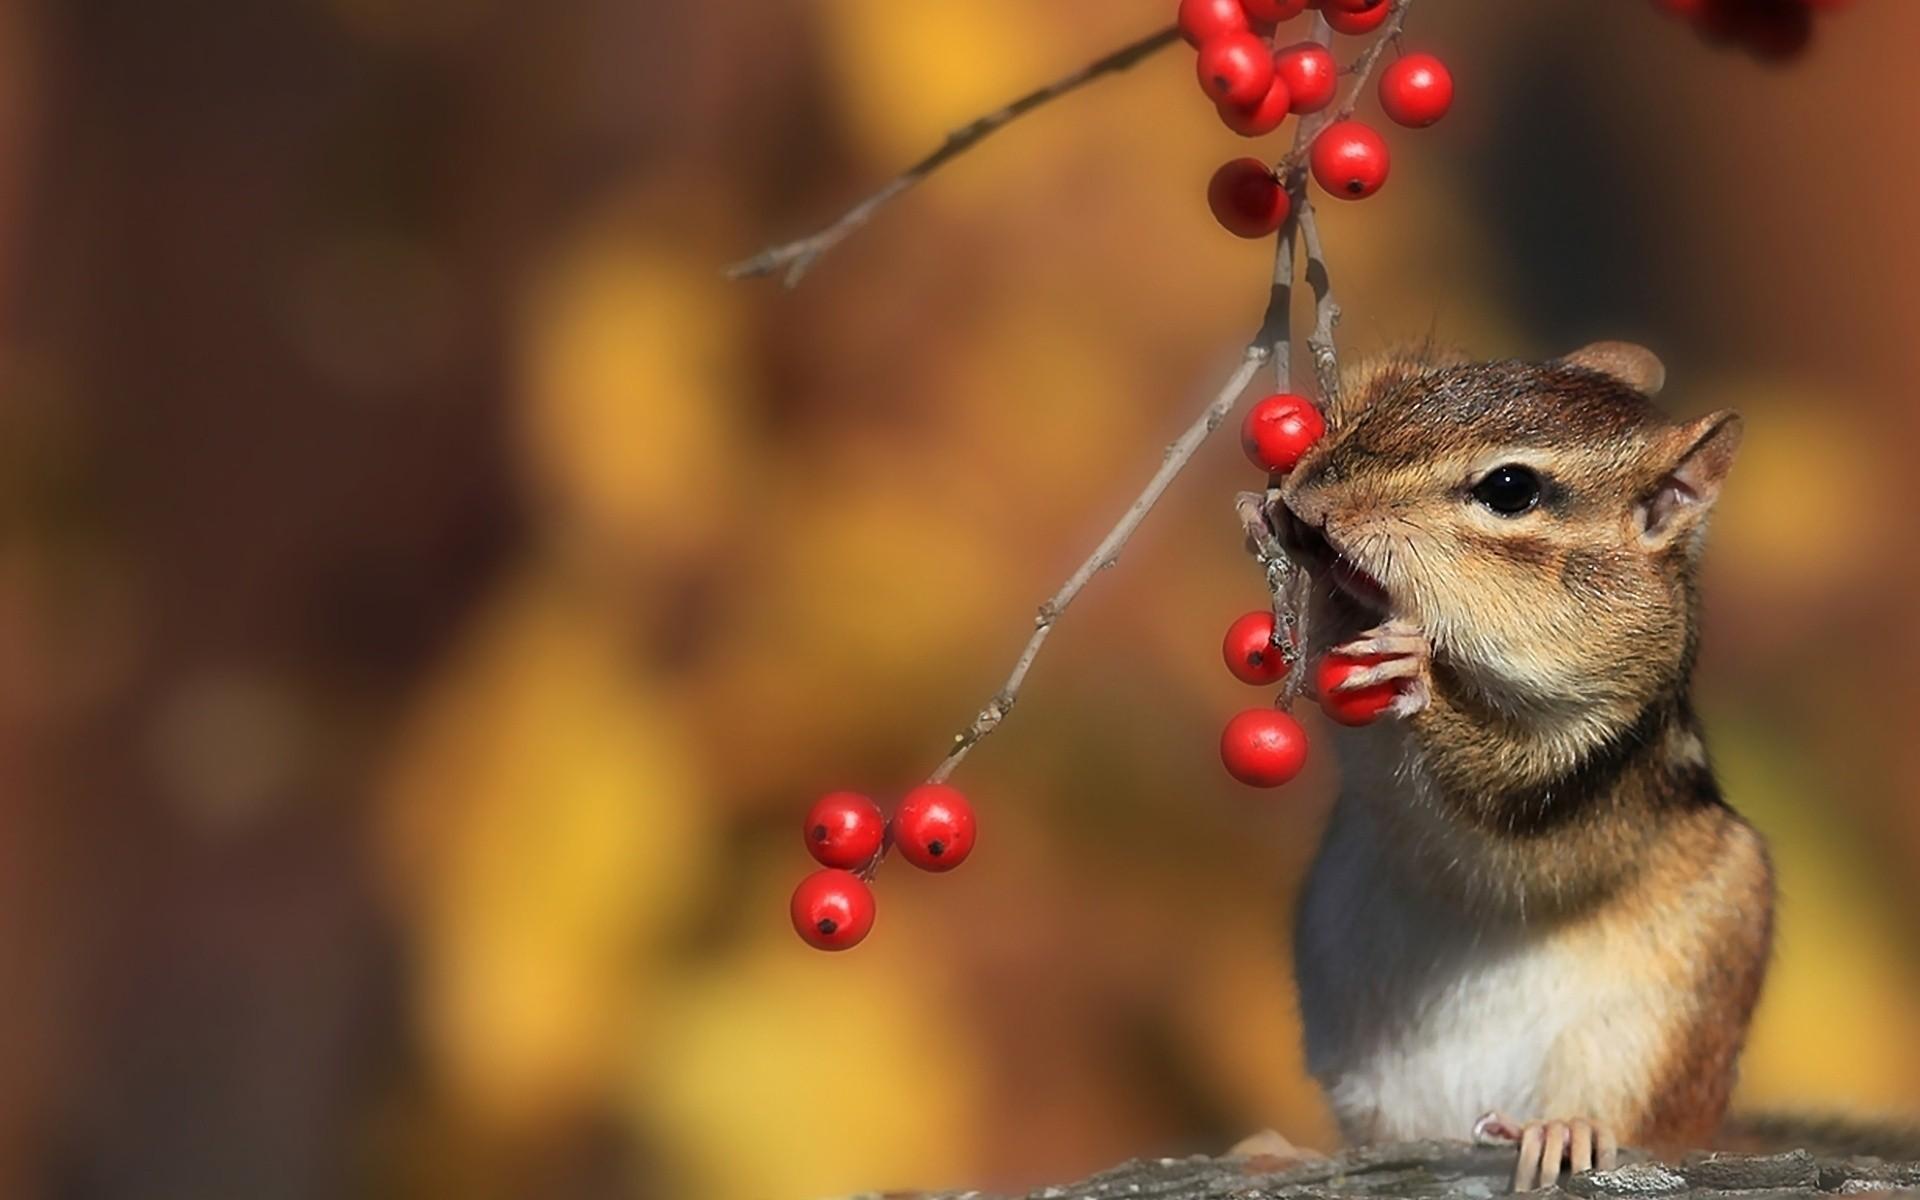 Картинки осень с животными красивые и смешные, поздравление фотографиями новый